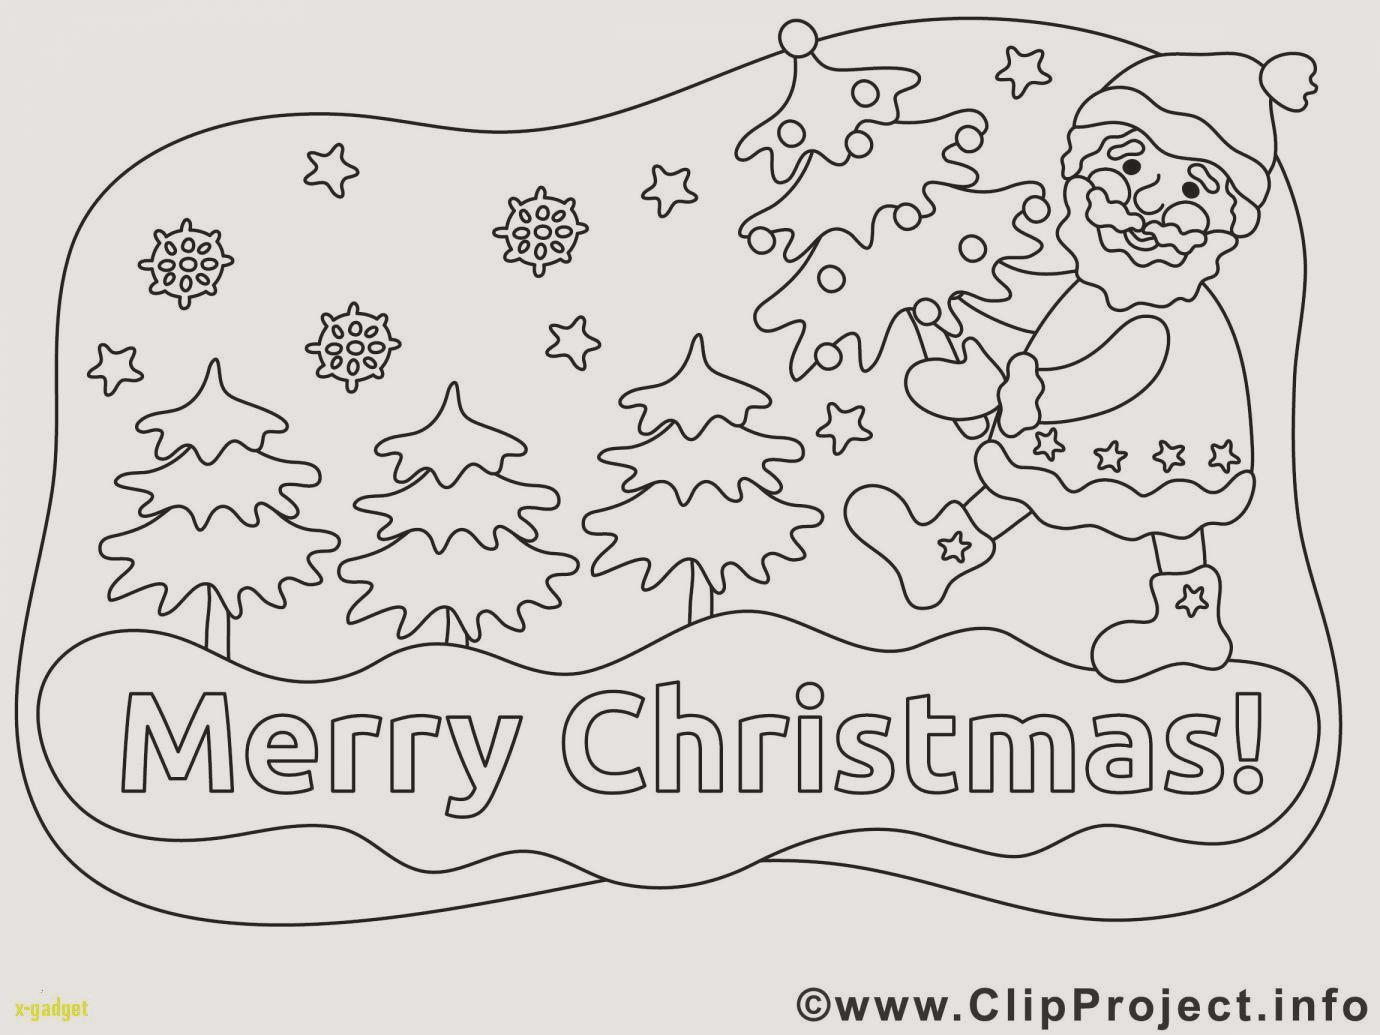 Ausmalbilder Weihnachten Schule Genial 30 Frisch Ausmalbilder Weihnachten Geschenke Ausdrucken Stock